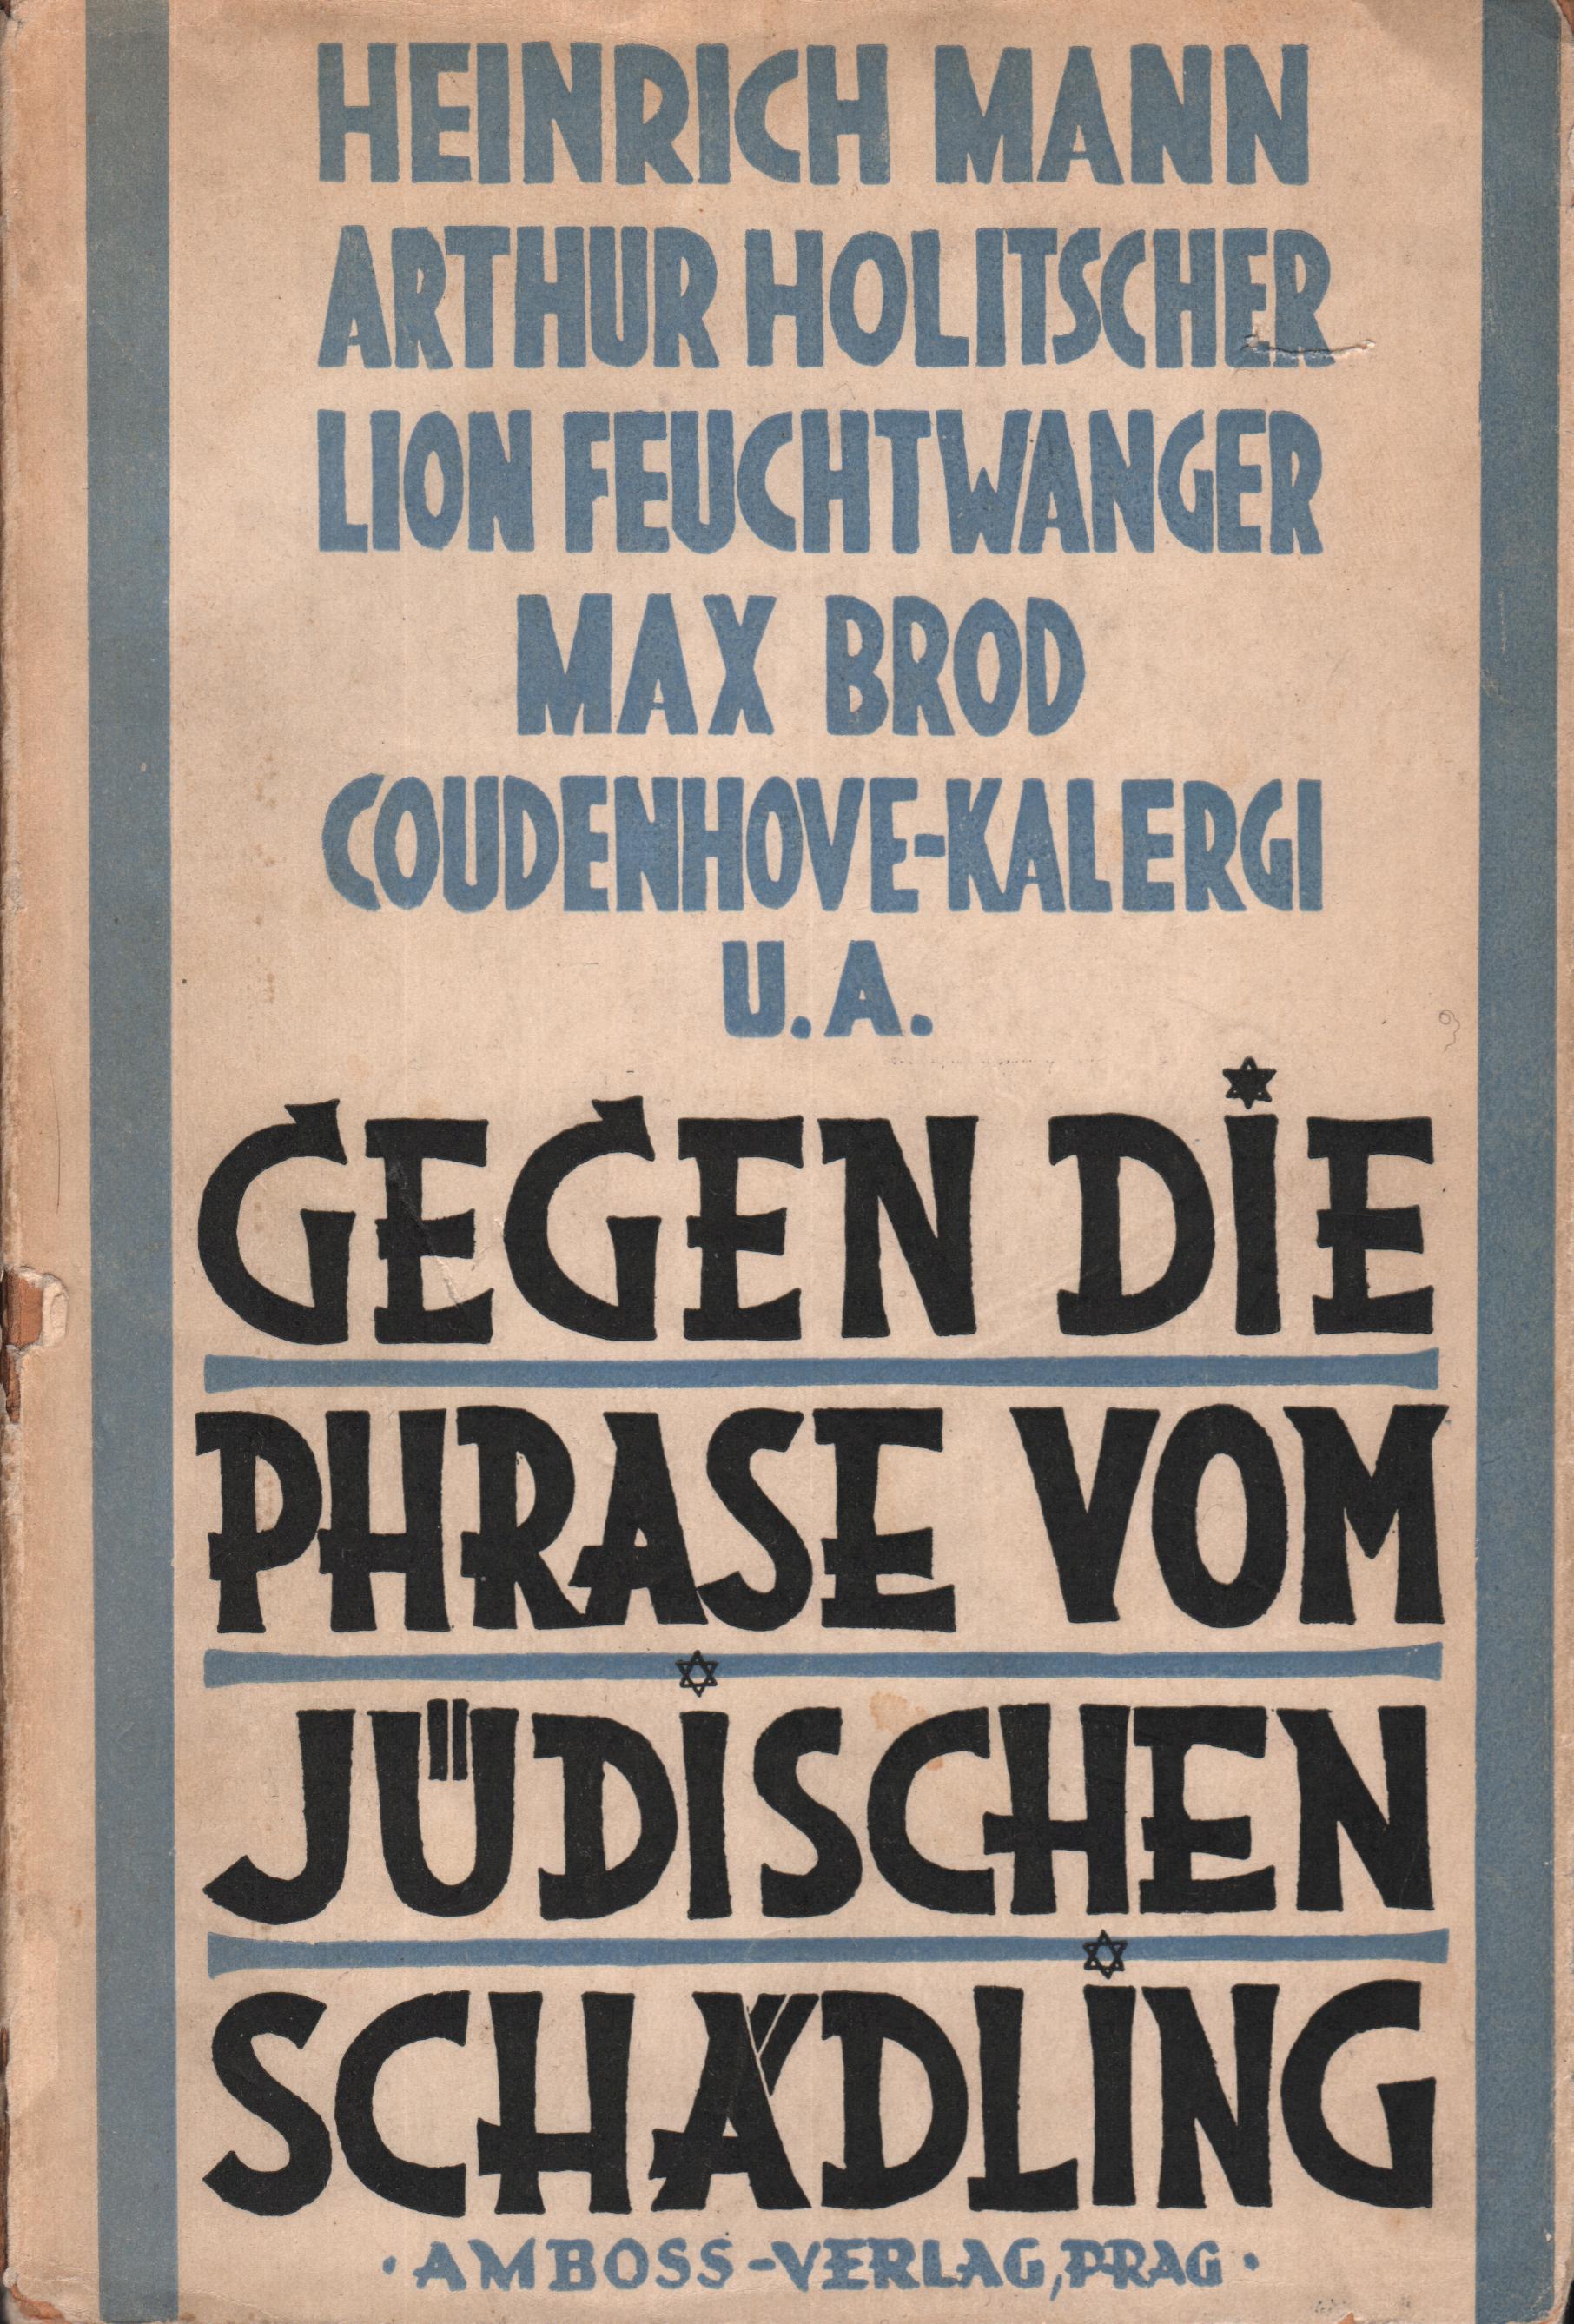 Gegen die Phrase vom Jüdischen Schädling